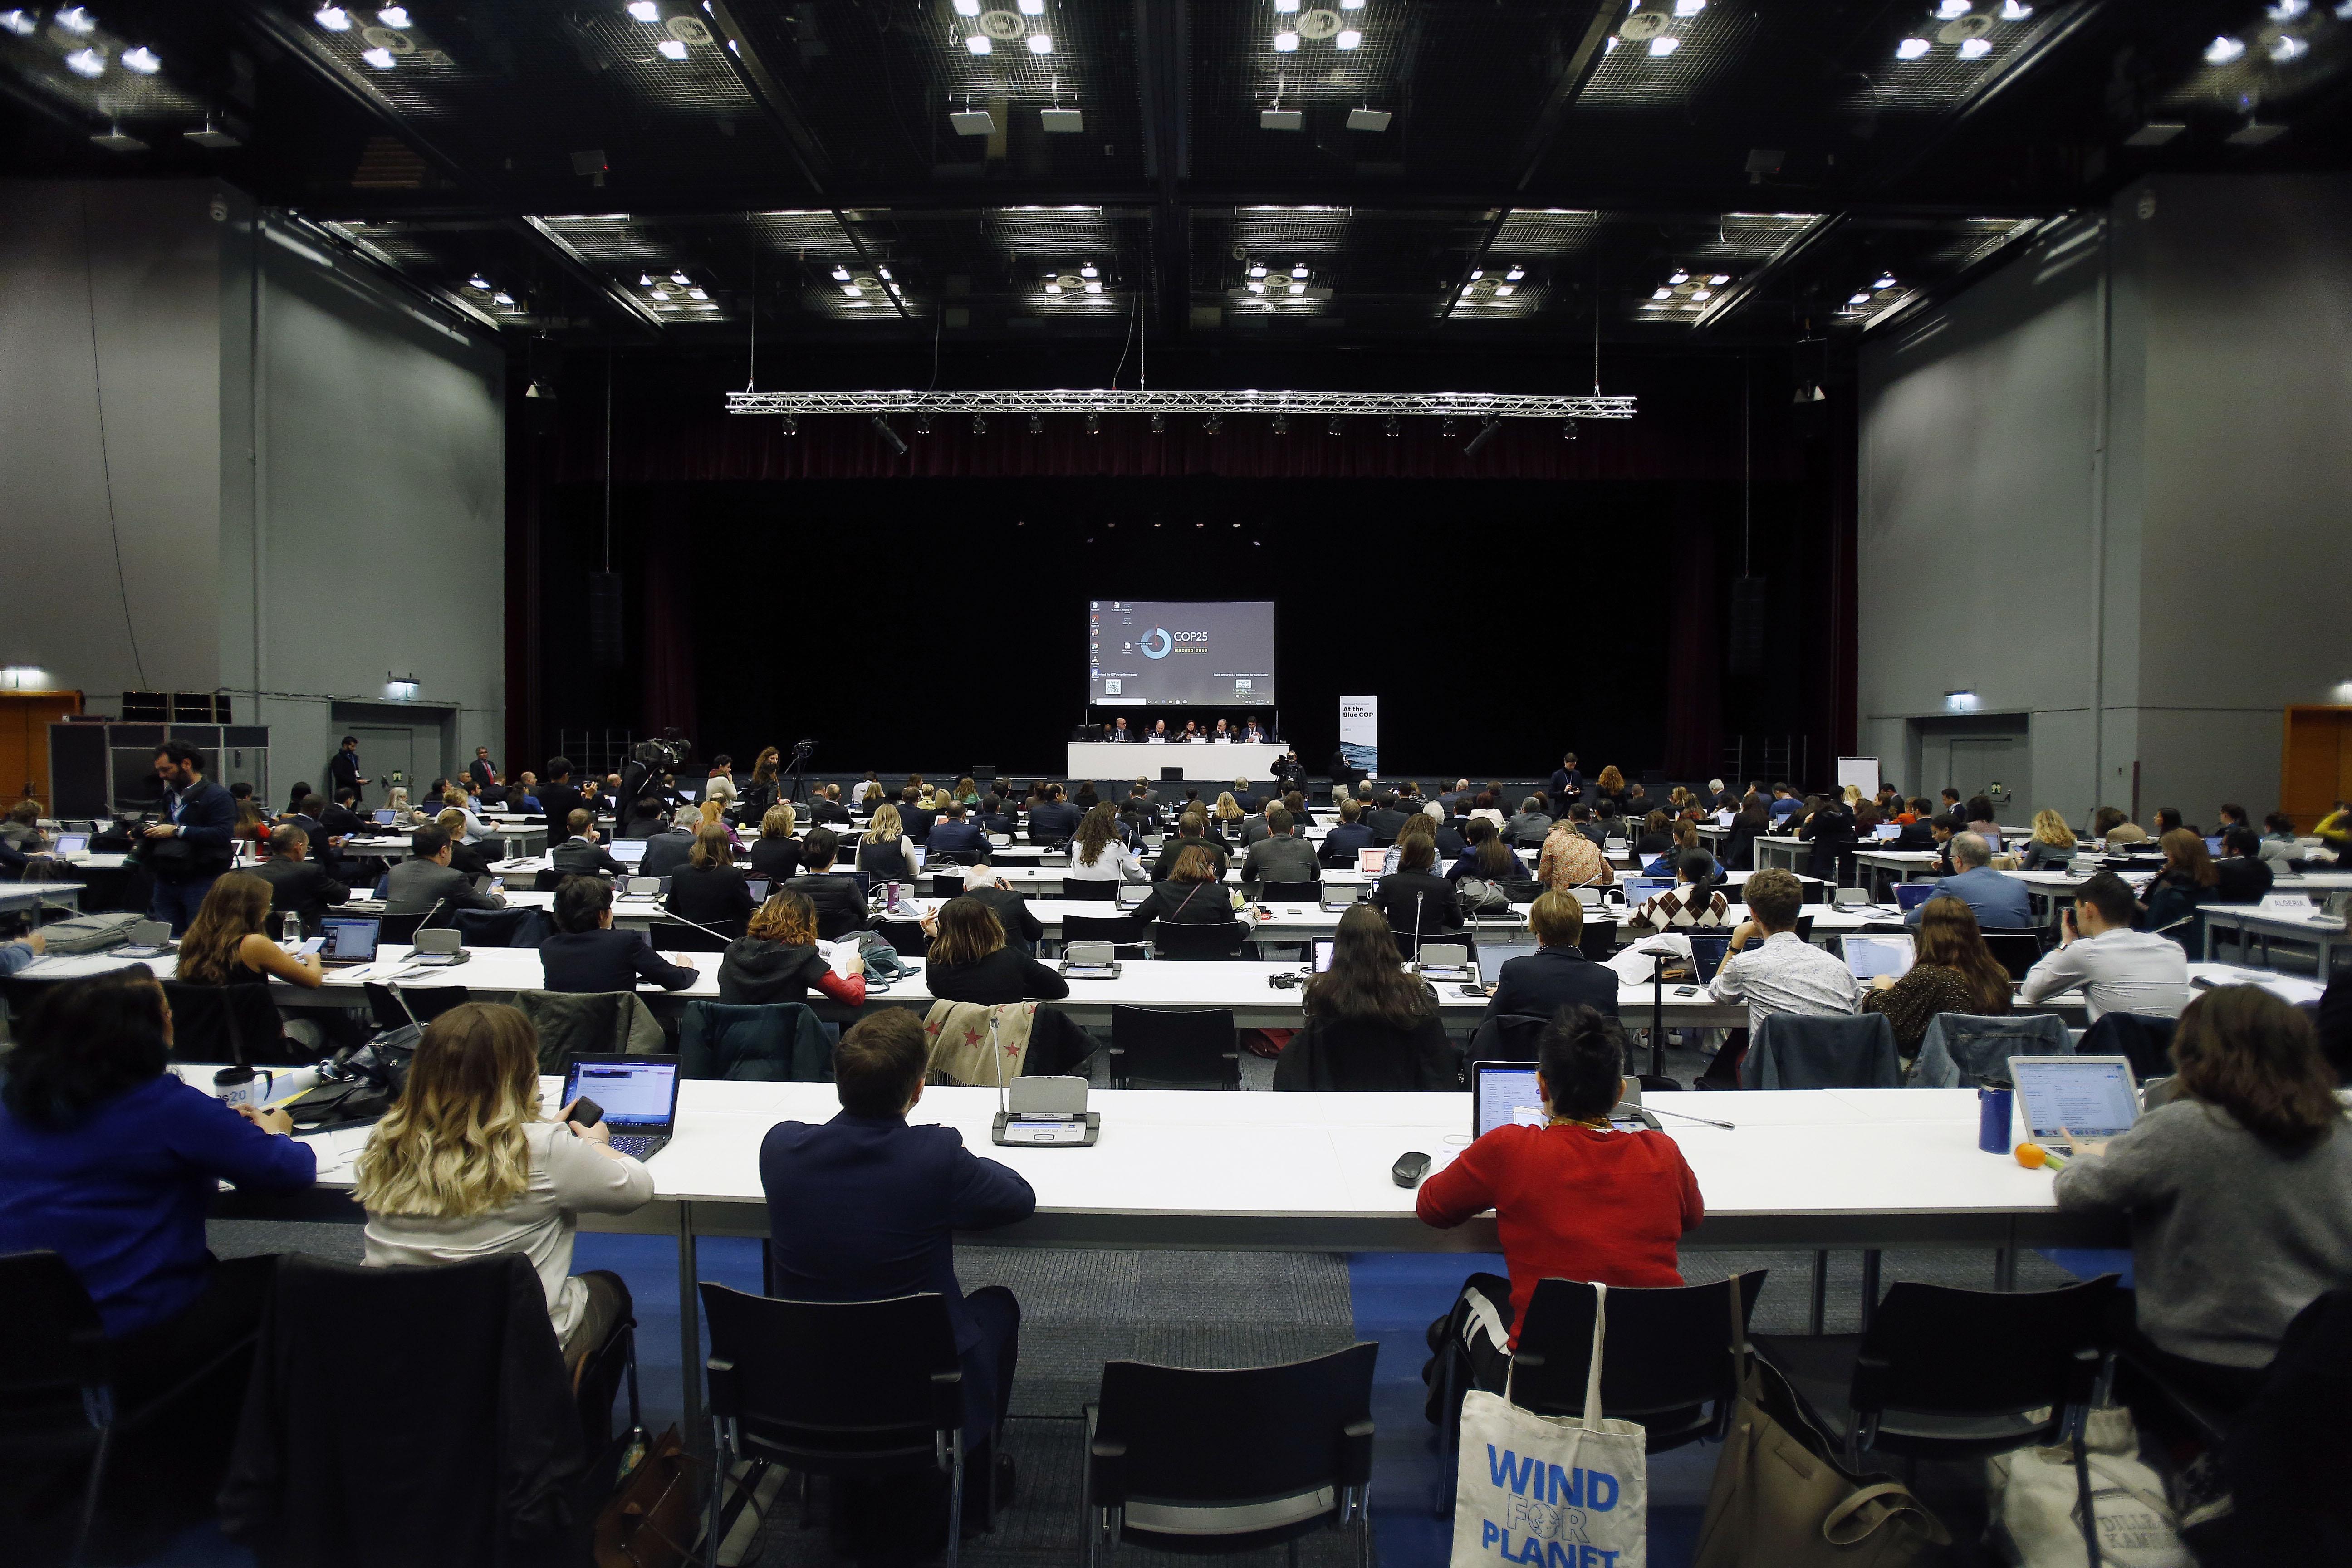 Conferencia sobre el Clima de las Naciones Unidas reunidos en Madrid © COP25